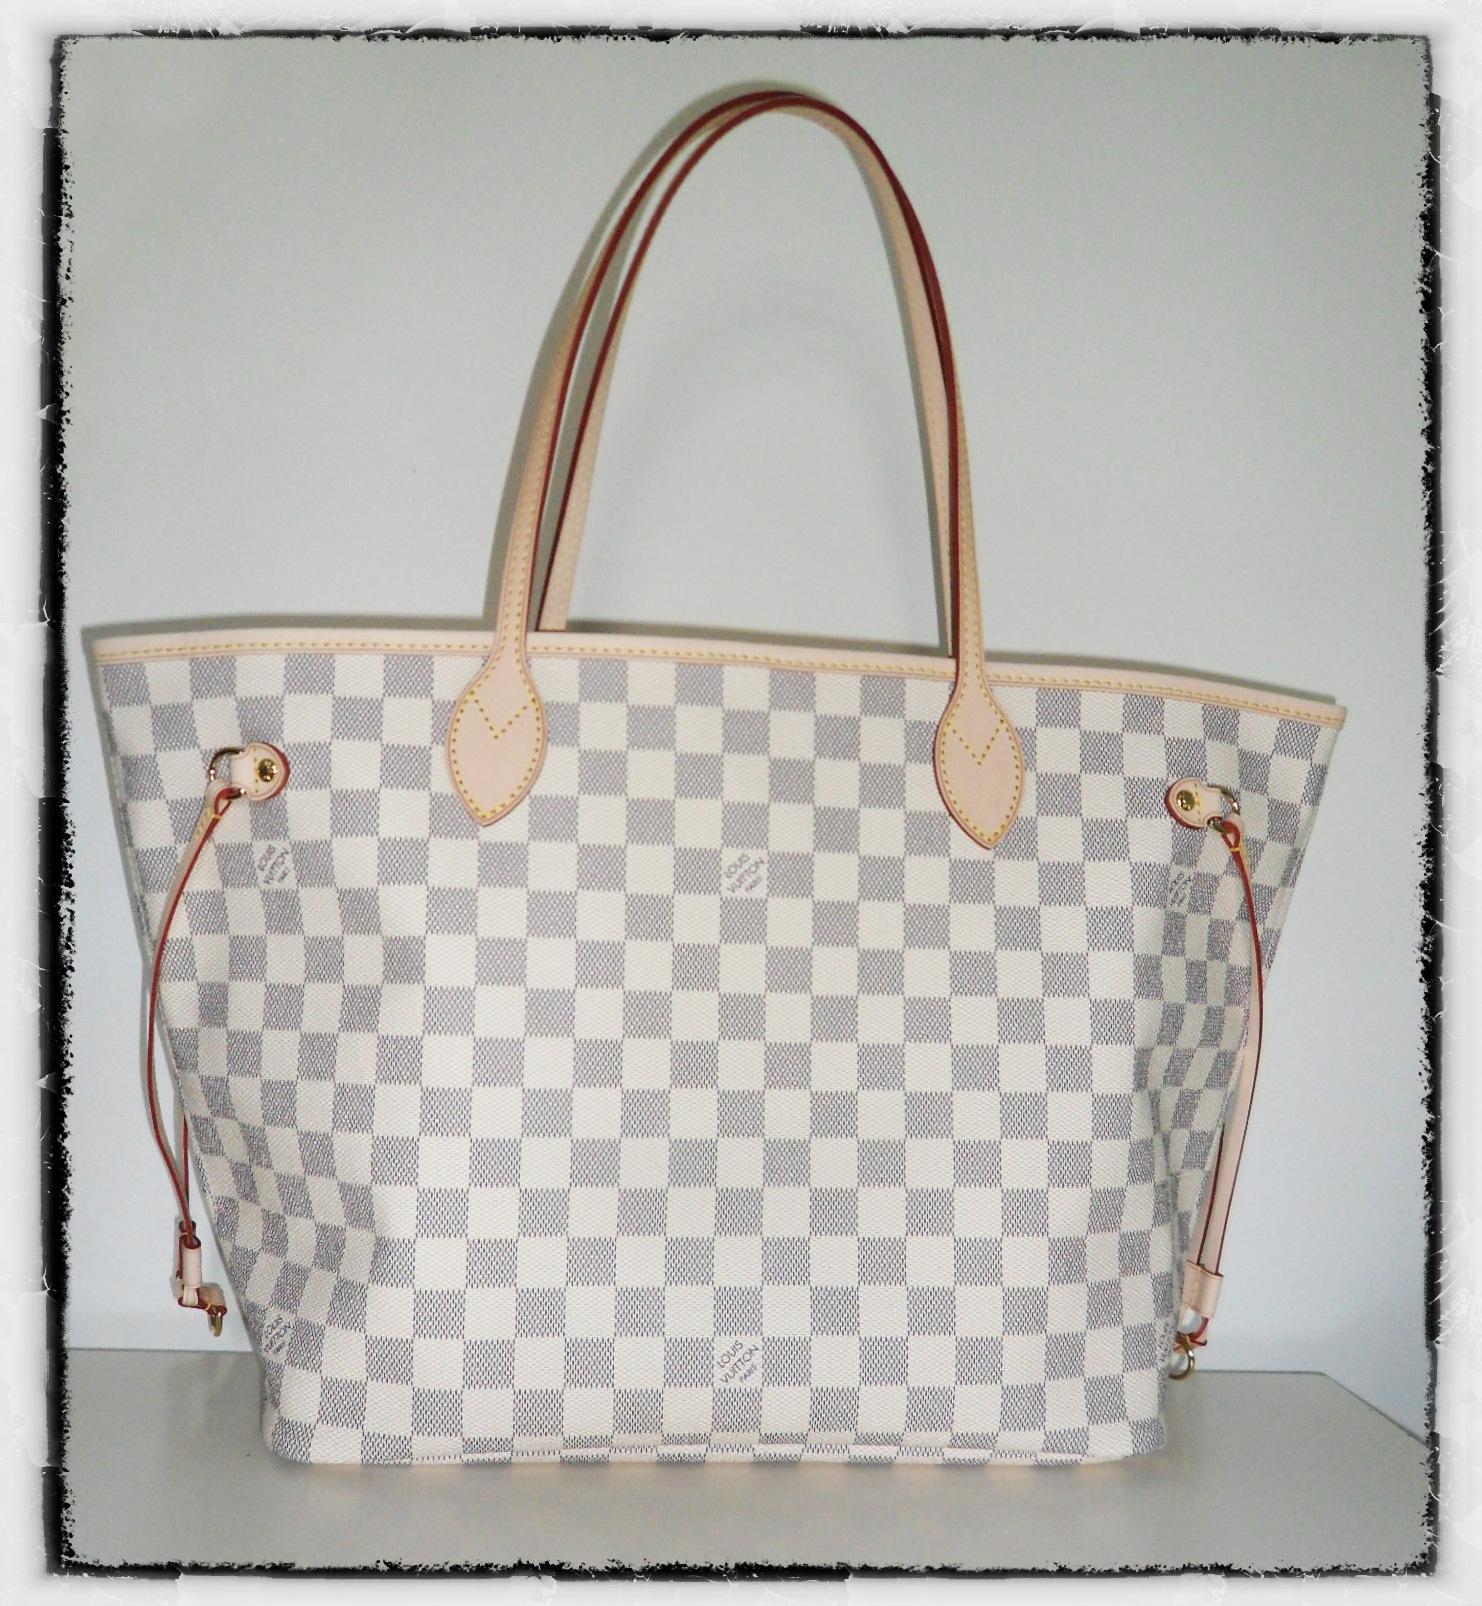 sac a main bilodeau. Louis Vuitton Damier Canvas Sac Plat ... 2ff4459ceb0